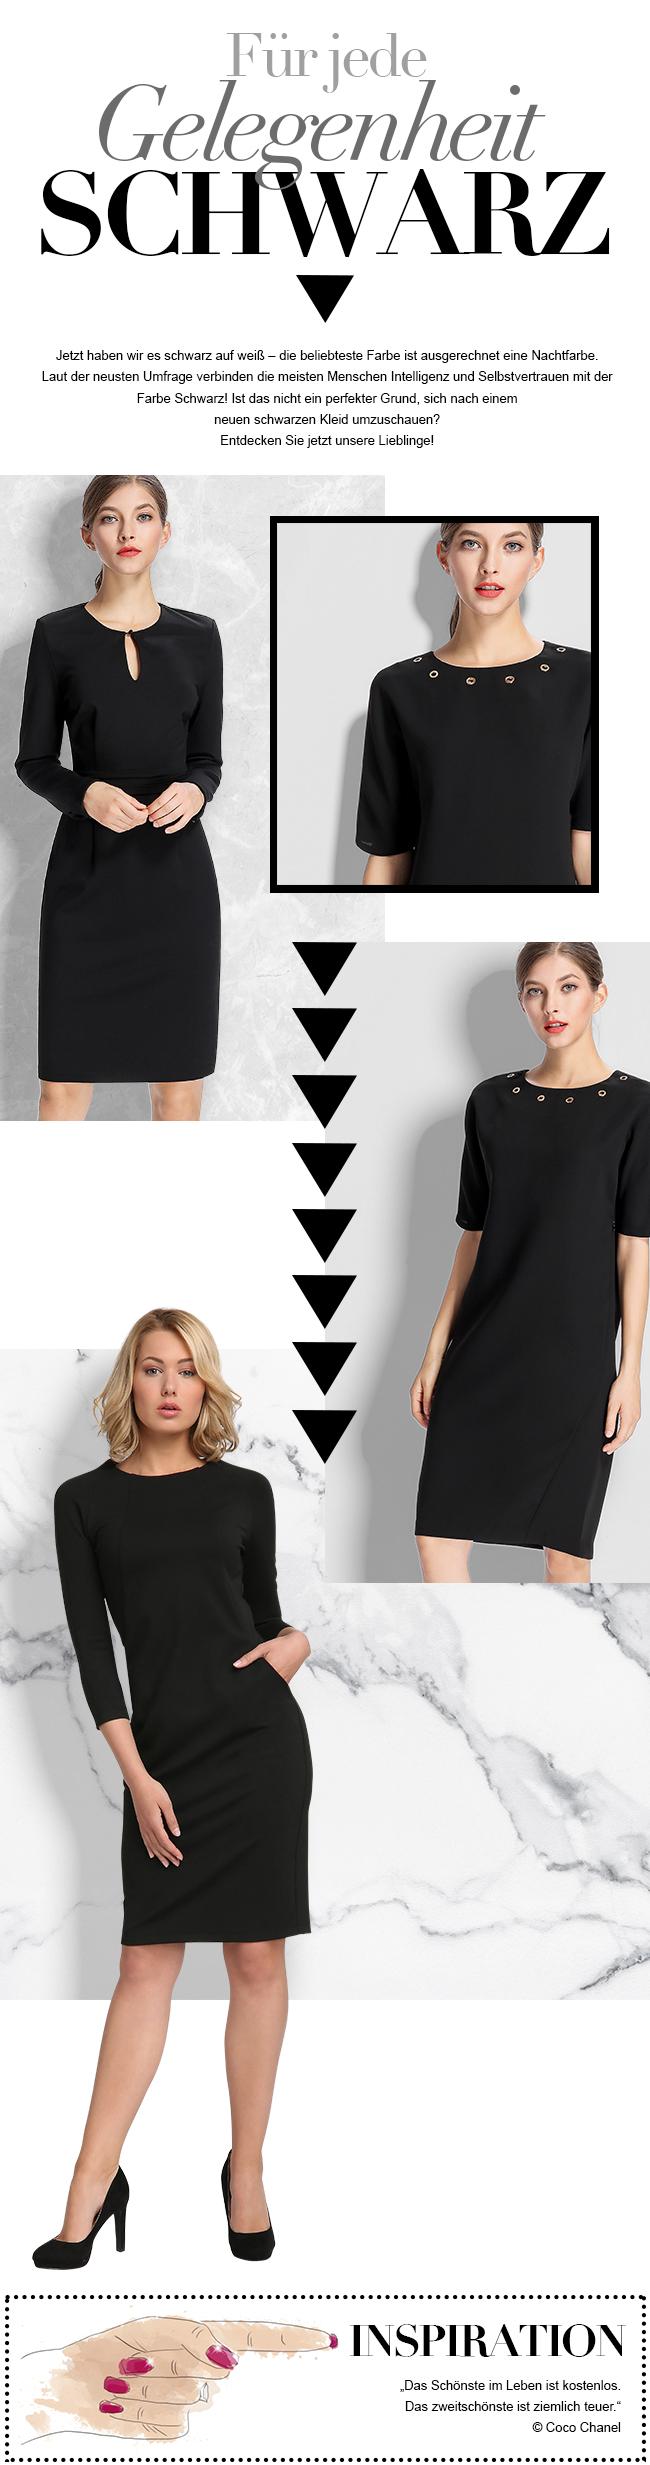 entdecken sie ihr perfektes schwarzes kleid bei apart